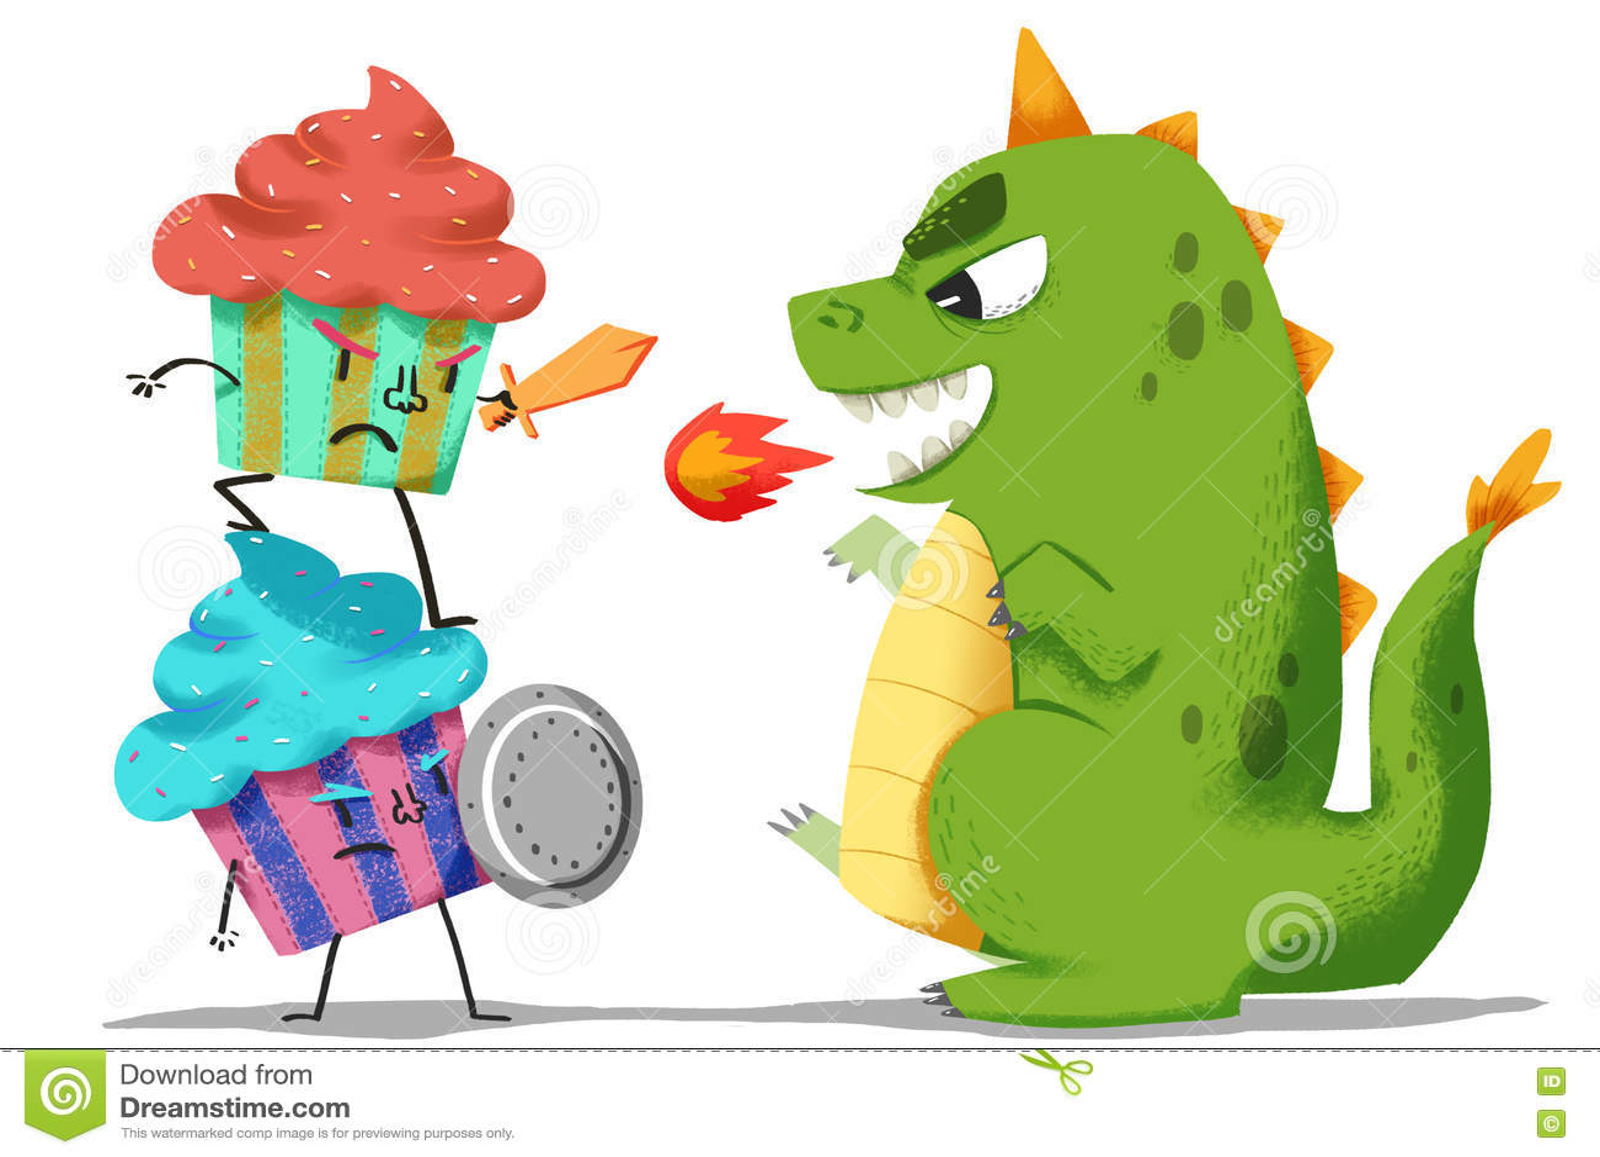 Illustration créative et art innovateur : Combat de gardiens de crème glacée avec le monstre de dinosaure